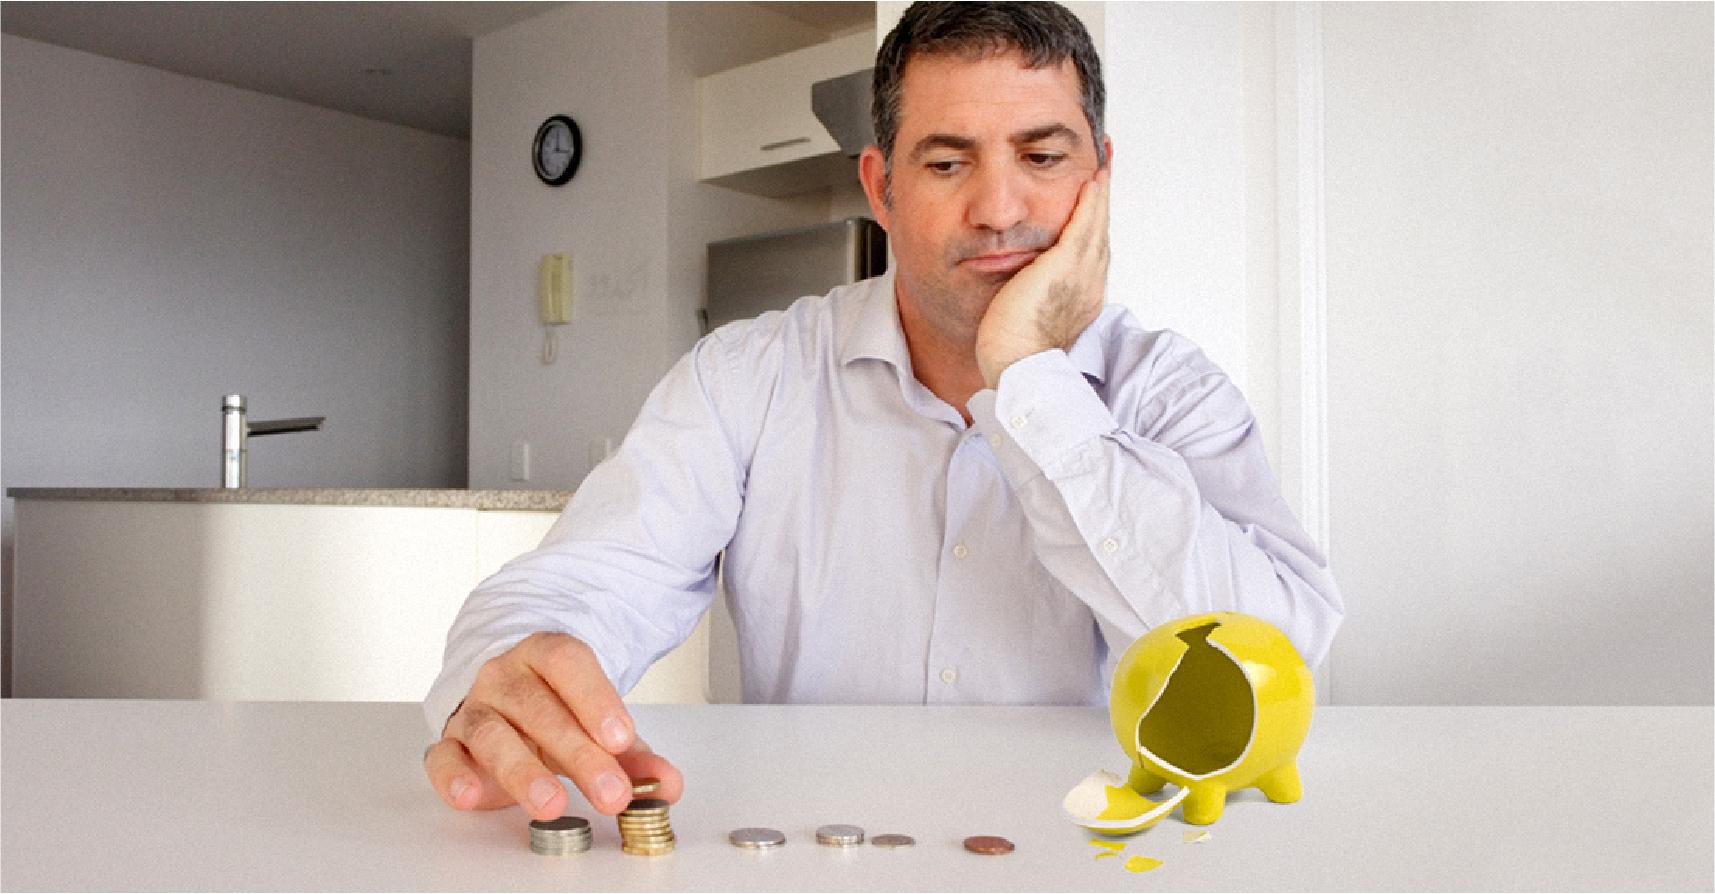 صورة شاب يكسر حصّالته التي جمع بها المال منذ الطفولة ليجد ما يكفي لشراء حصّالة